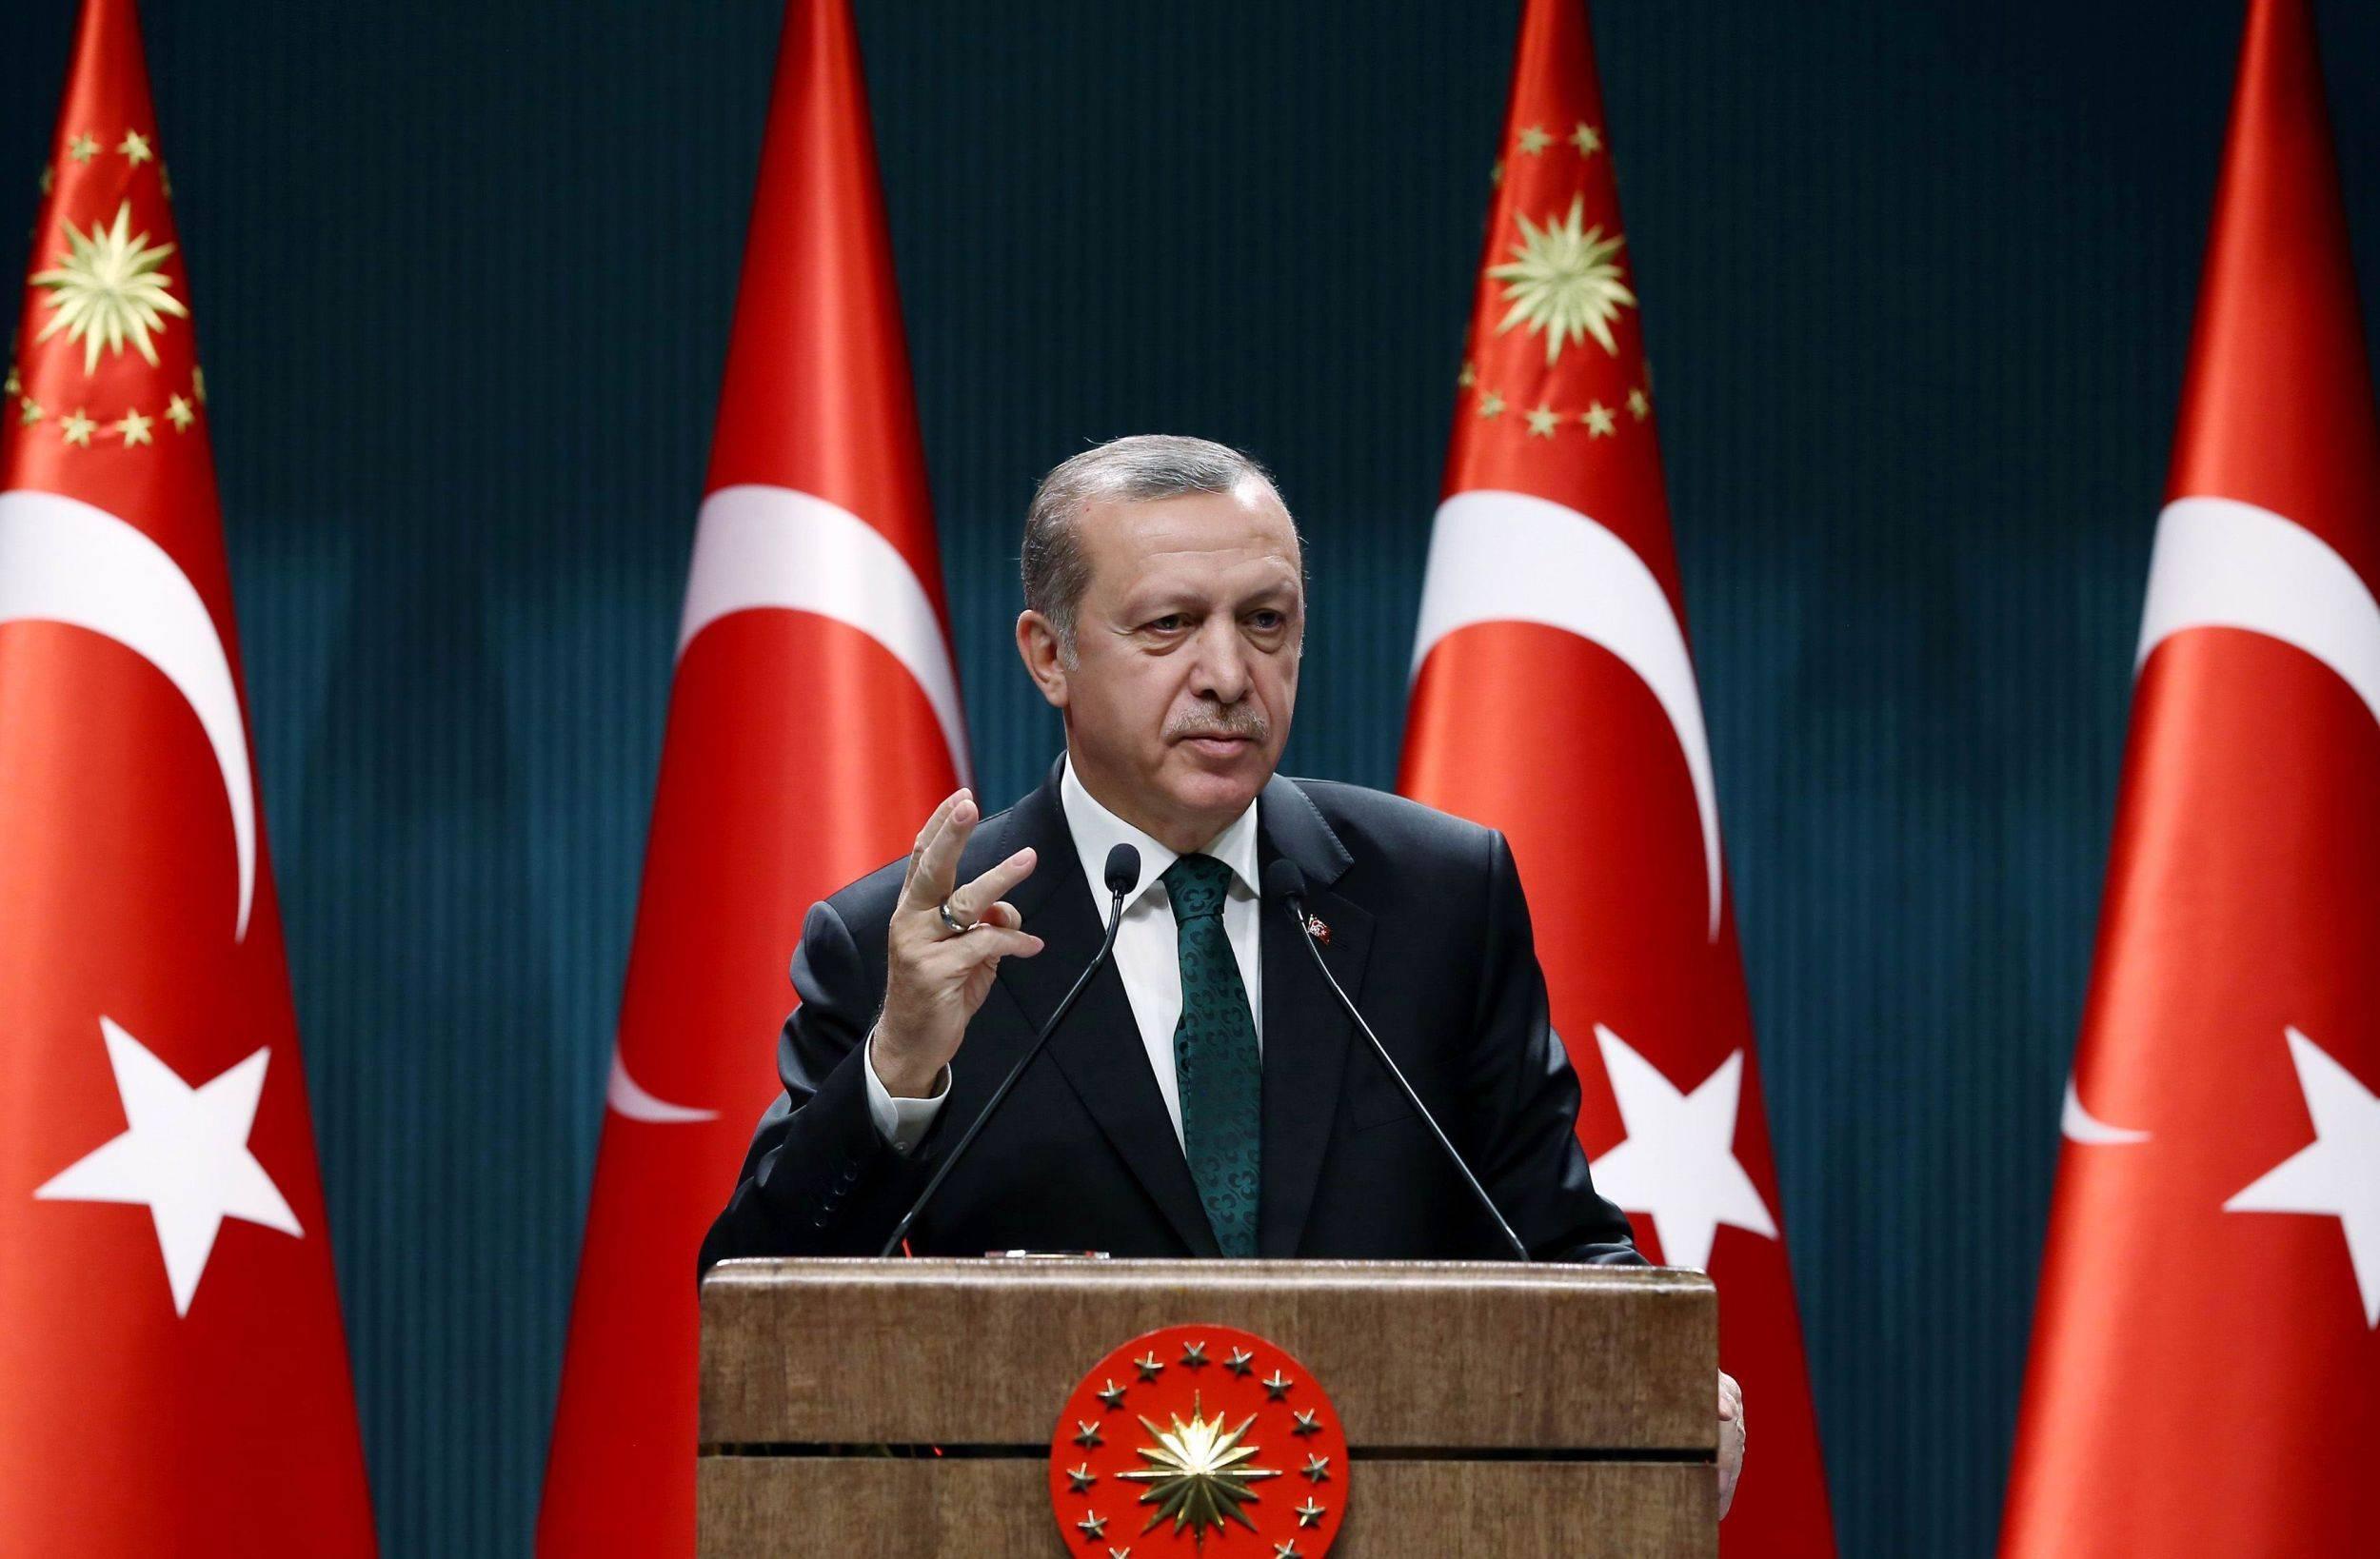 President Erdogan of Turkey